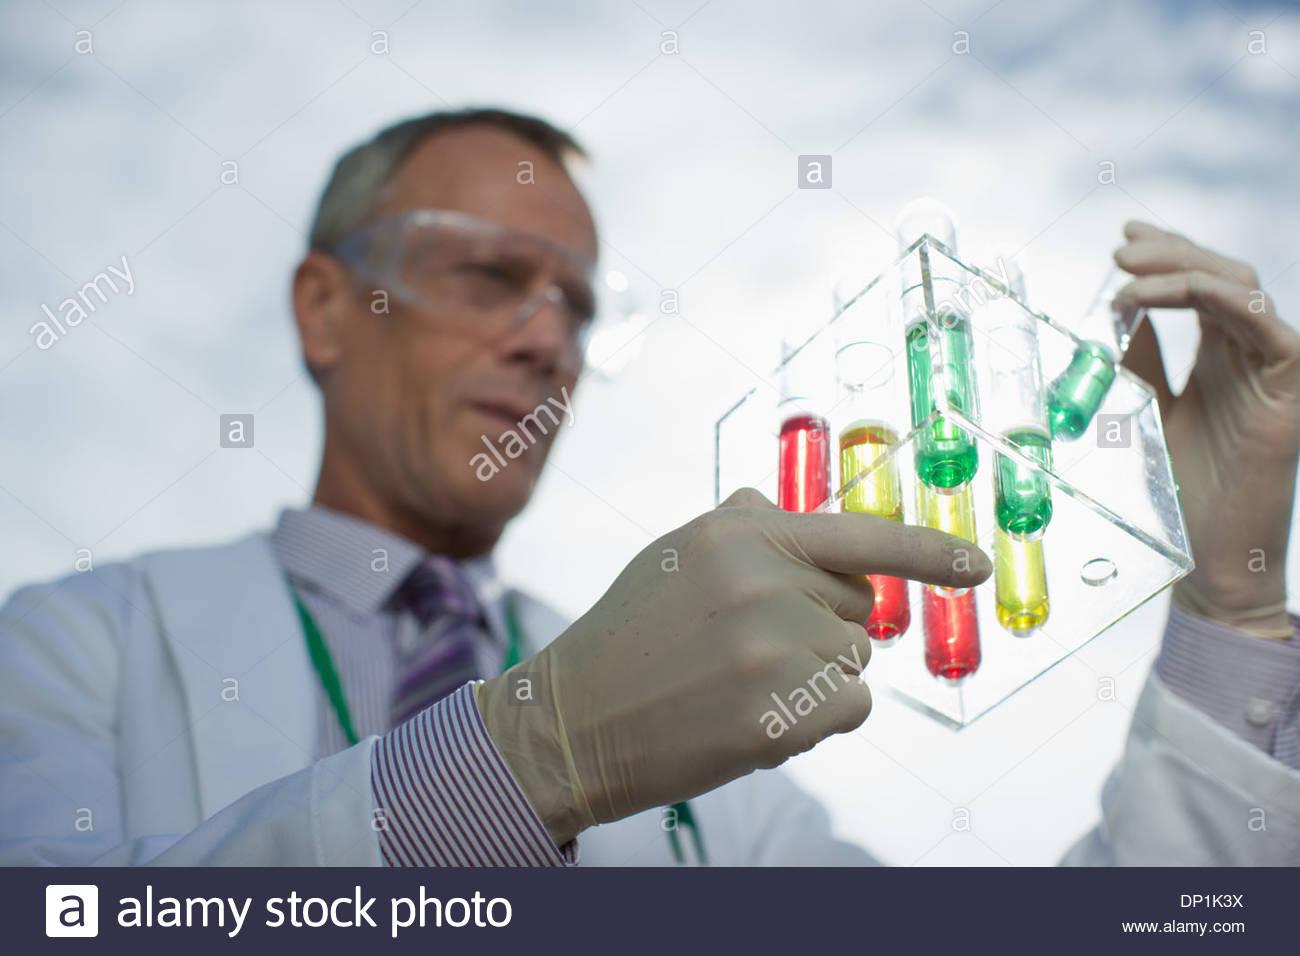 Scientist examining liquid in test tube Photo Stock